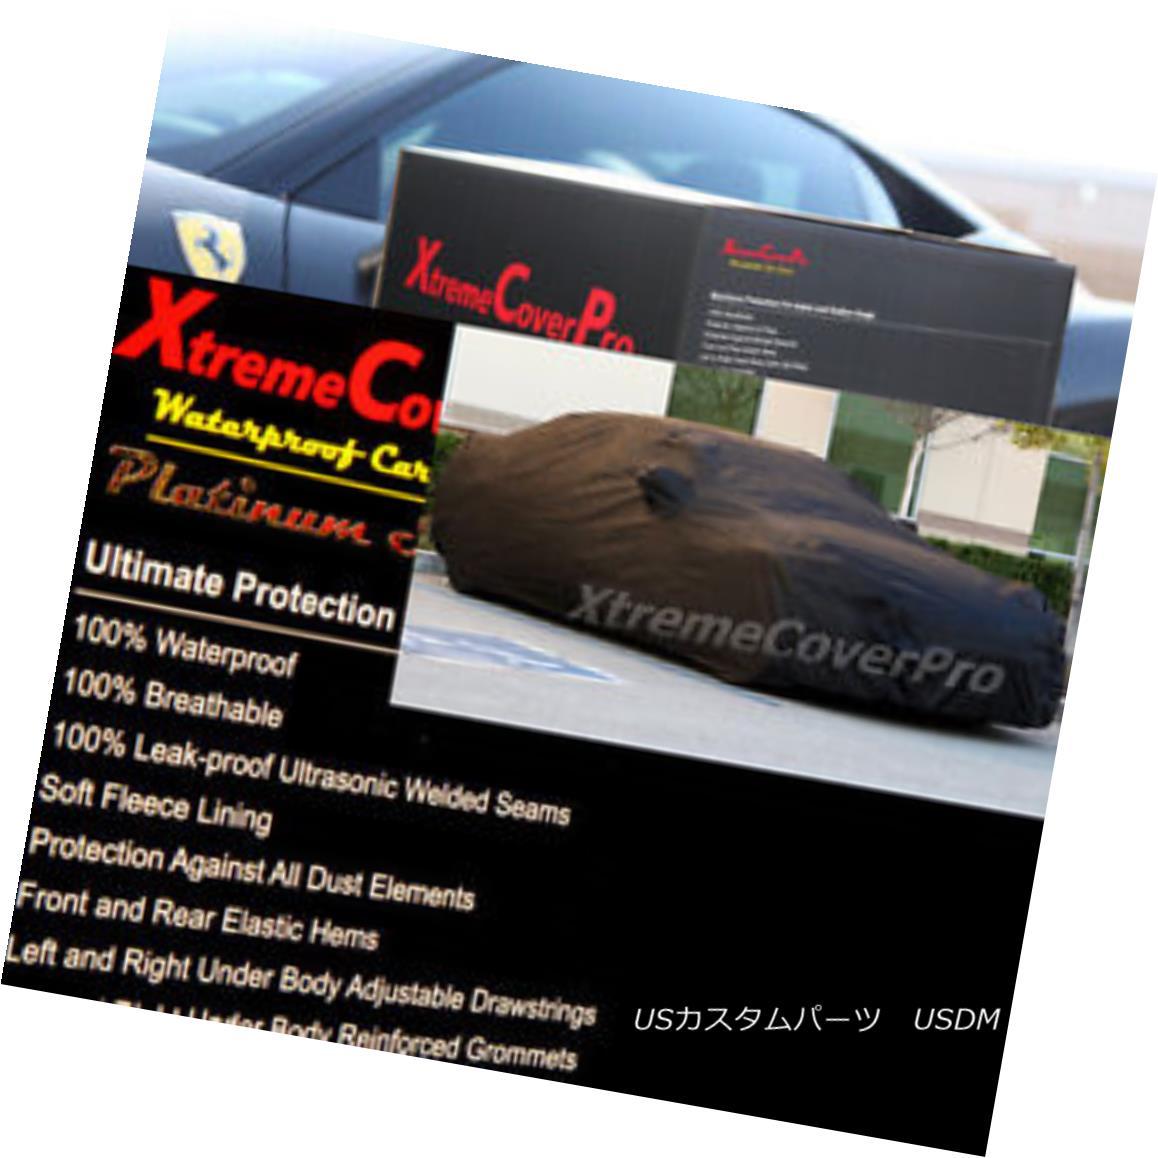 カーカバー 2014 Volvo C70 Waterproof Car Cover w/ Mirror Pocket 2014 Volvo C70防水カーカバー付きミラーポケット